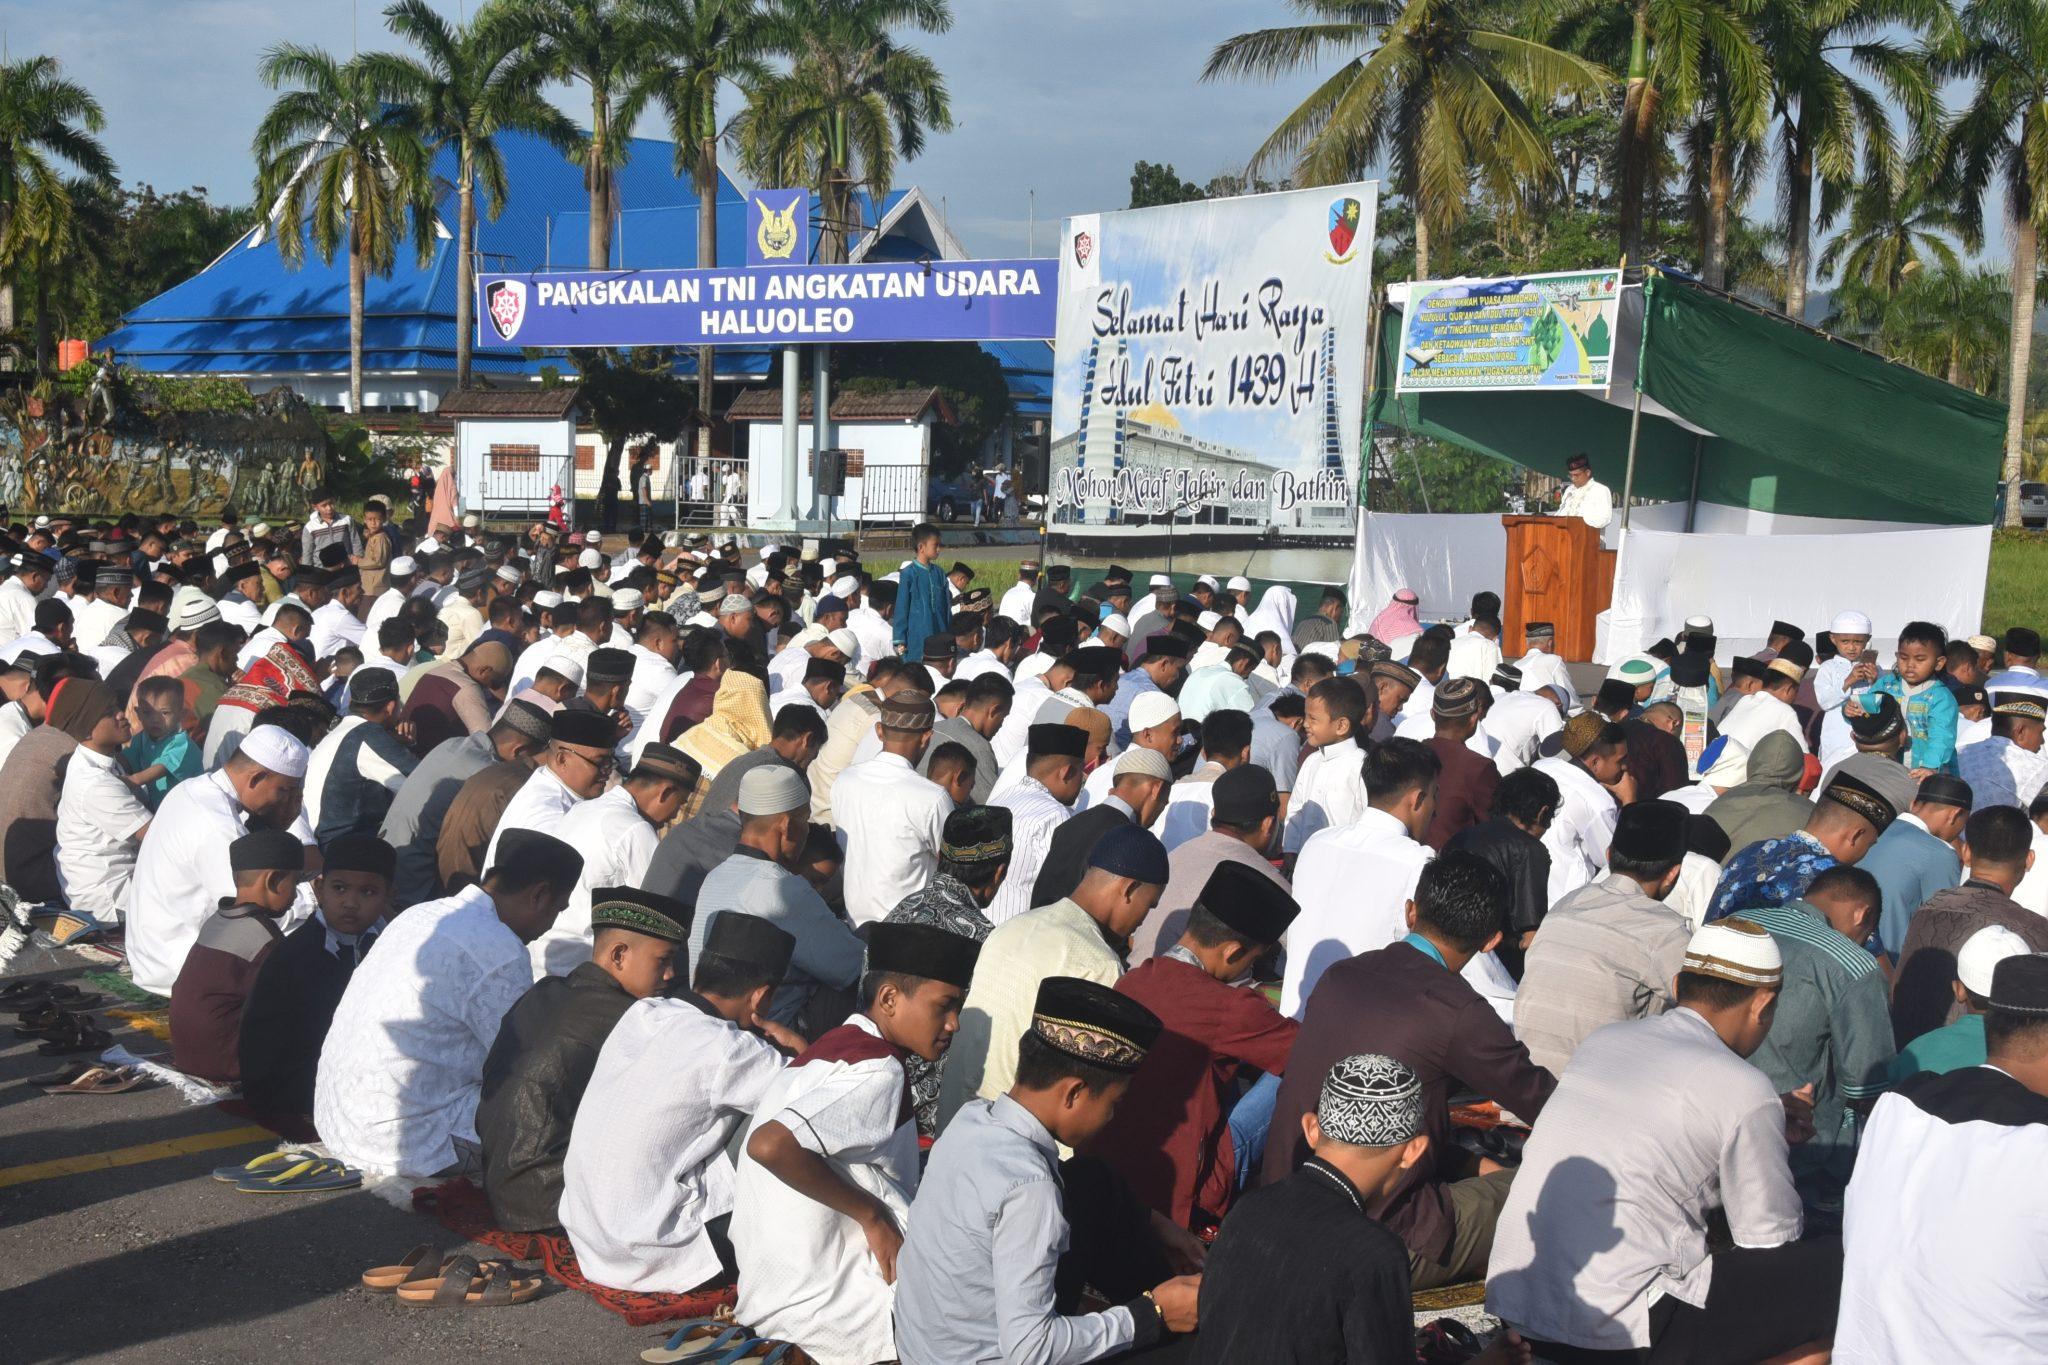 Keluarga Besar Lanud Haluoleo Sholat Hari Raya Idul Fitri di Military Apron